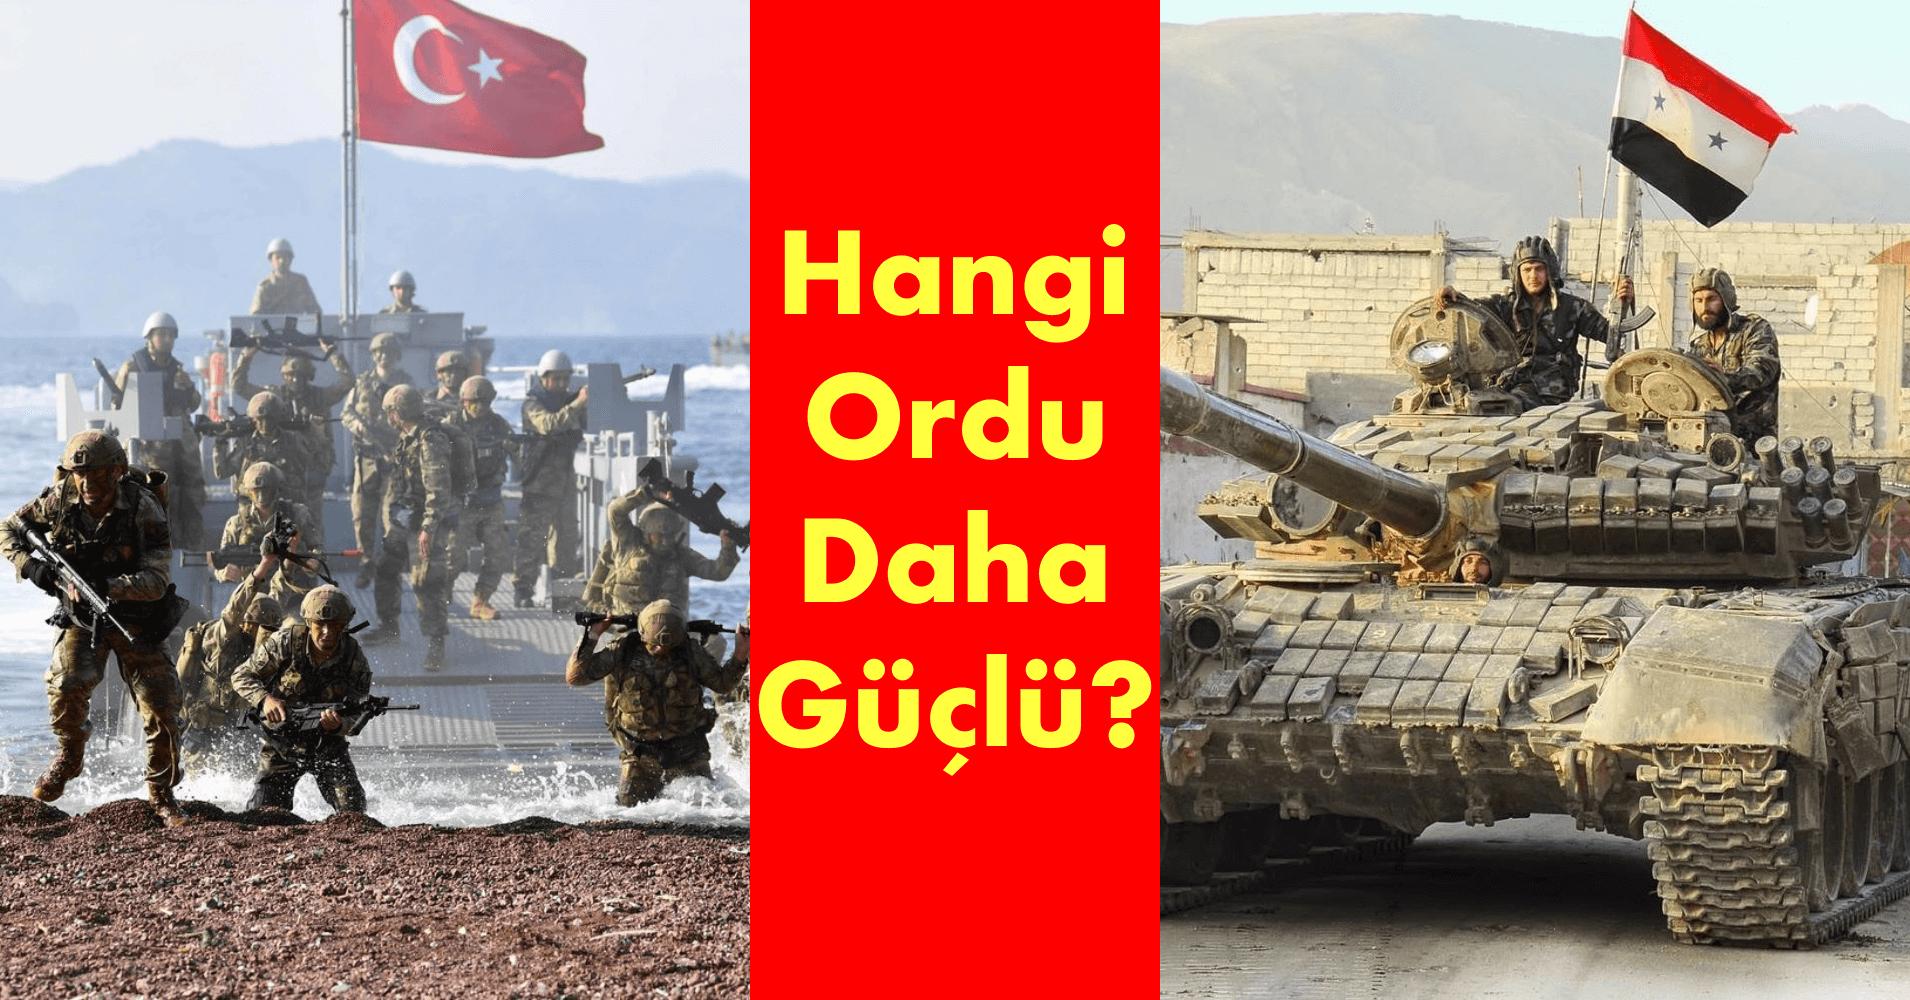 Türkiye ve Suriye Ordusu Karşılaştırması, Kimin Ordusu Daha Güçlü?